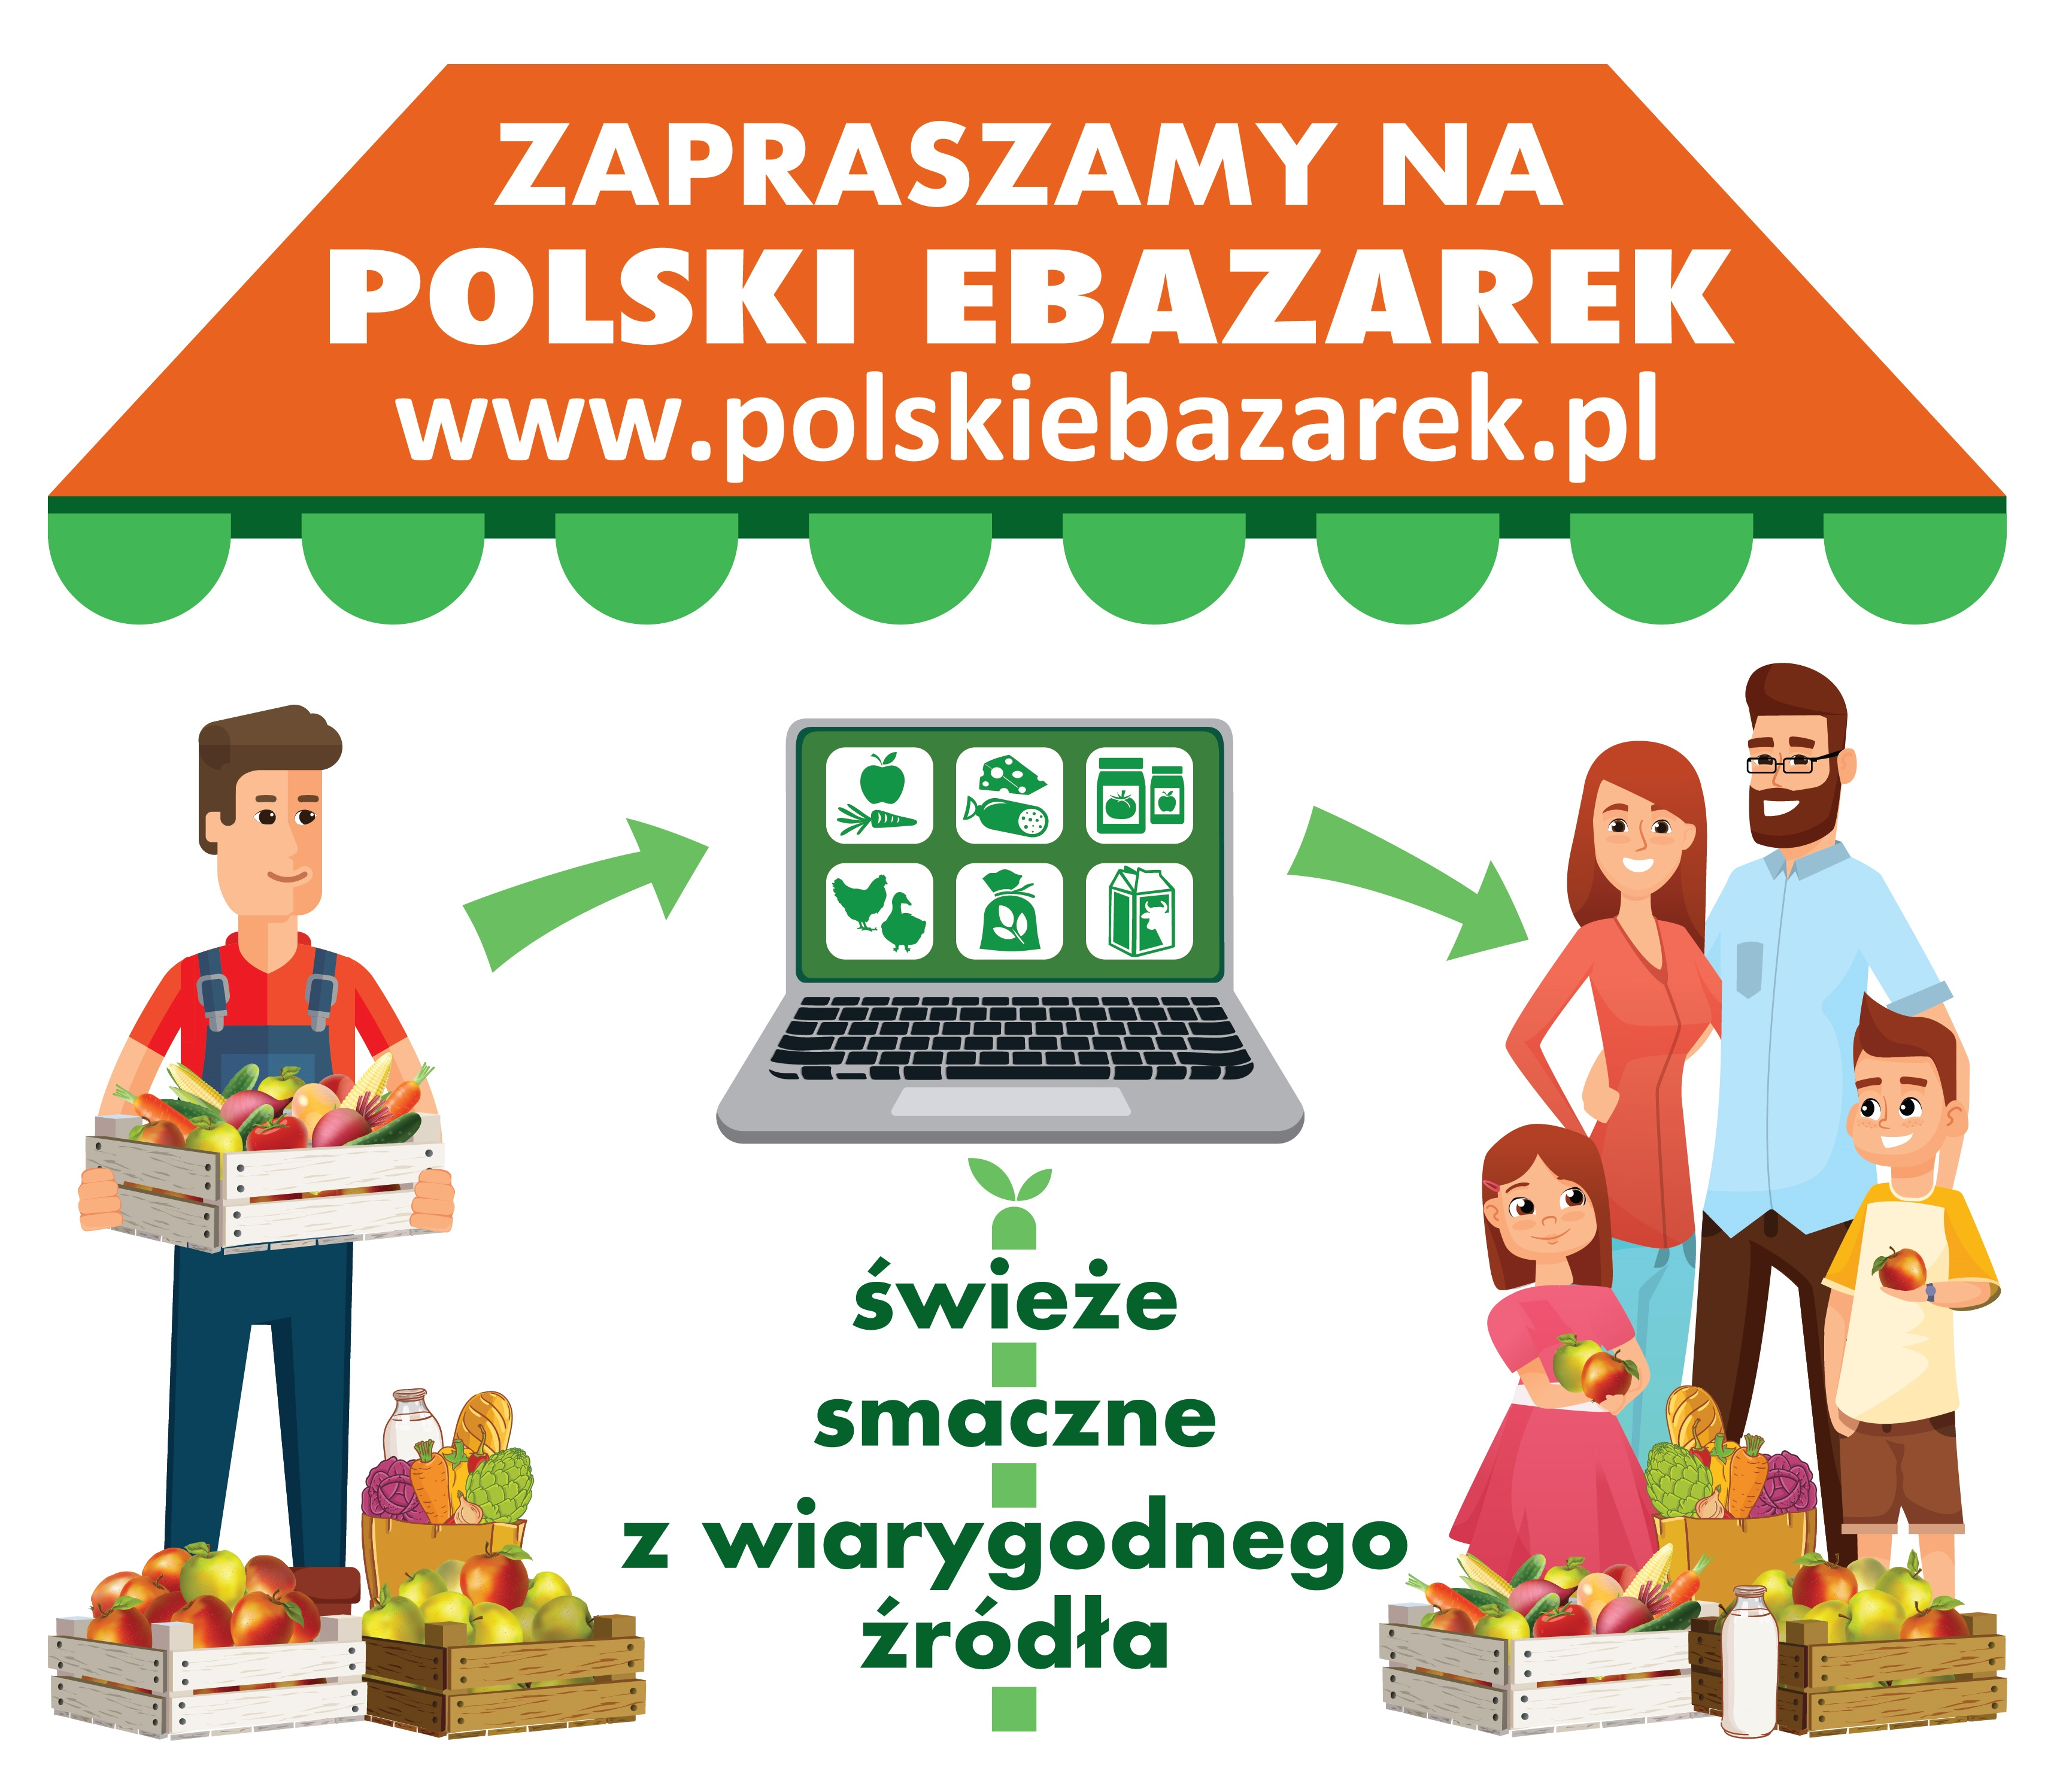 Polskiebazarek